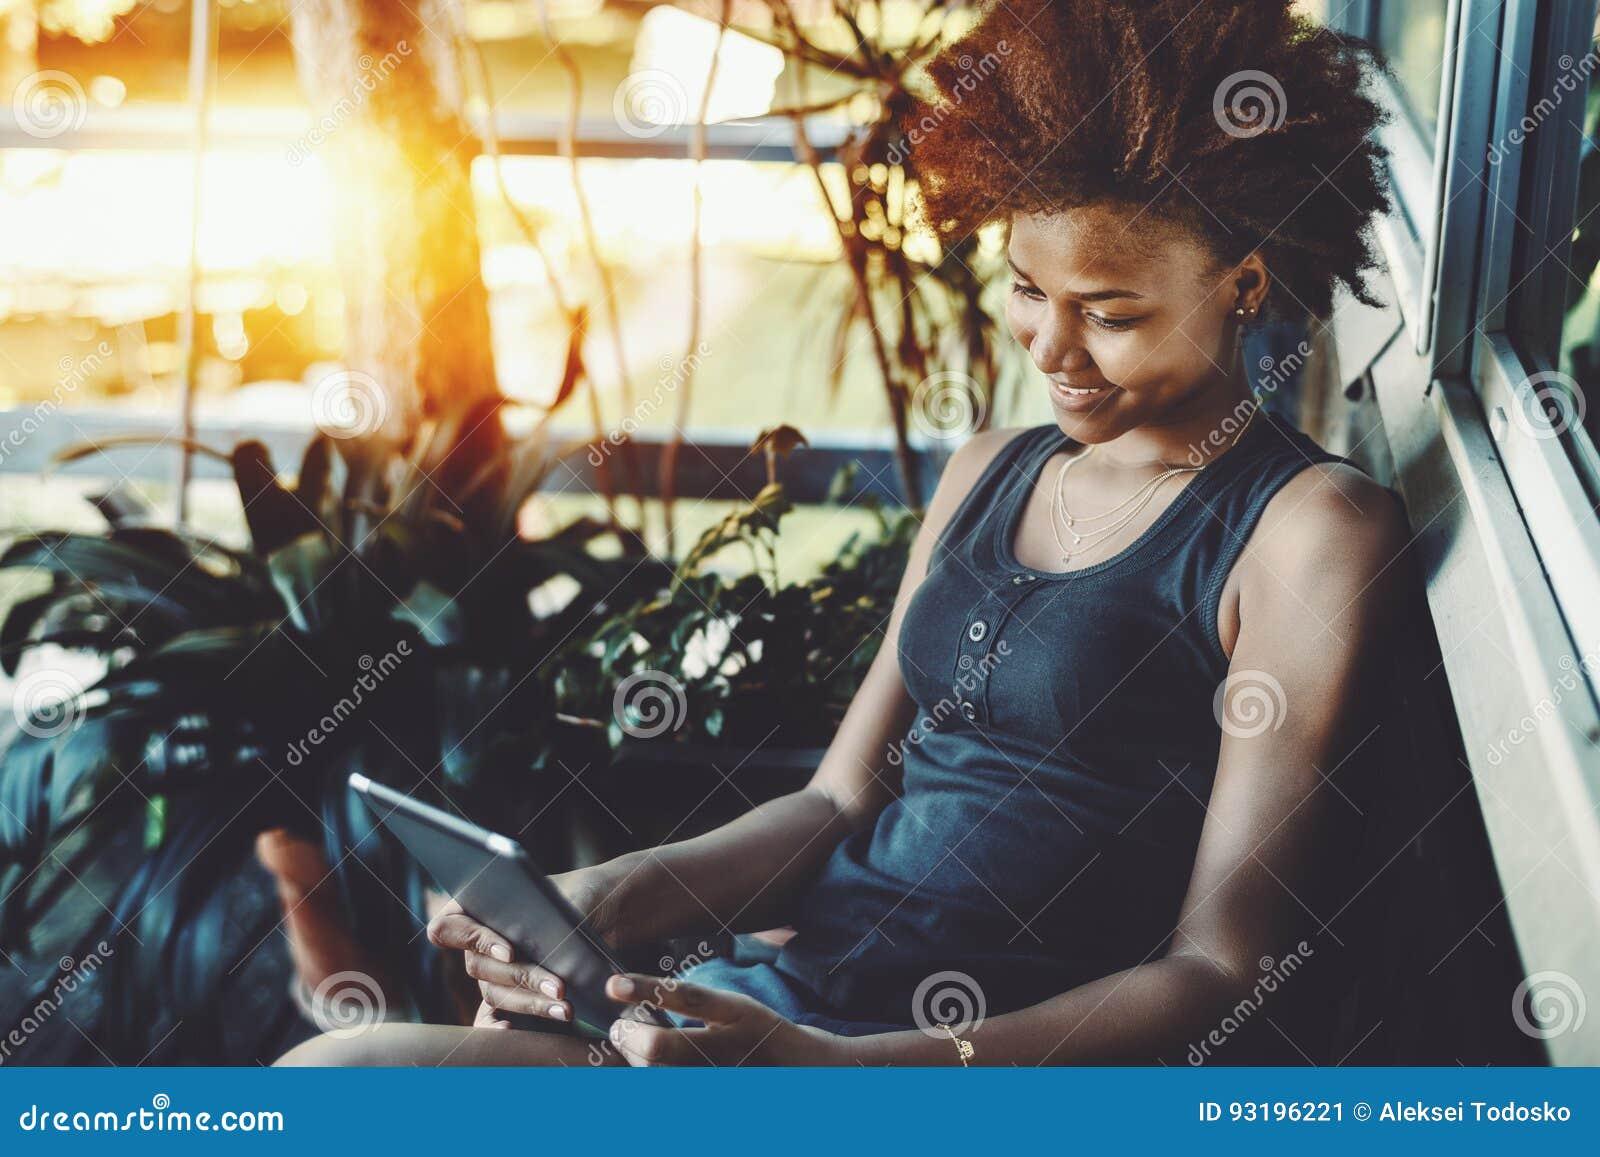 fille noire fait maison